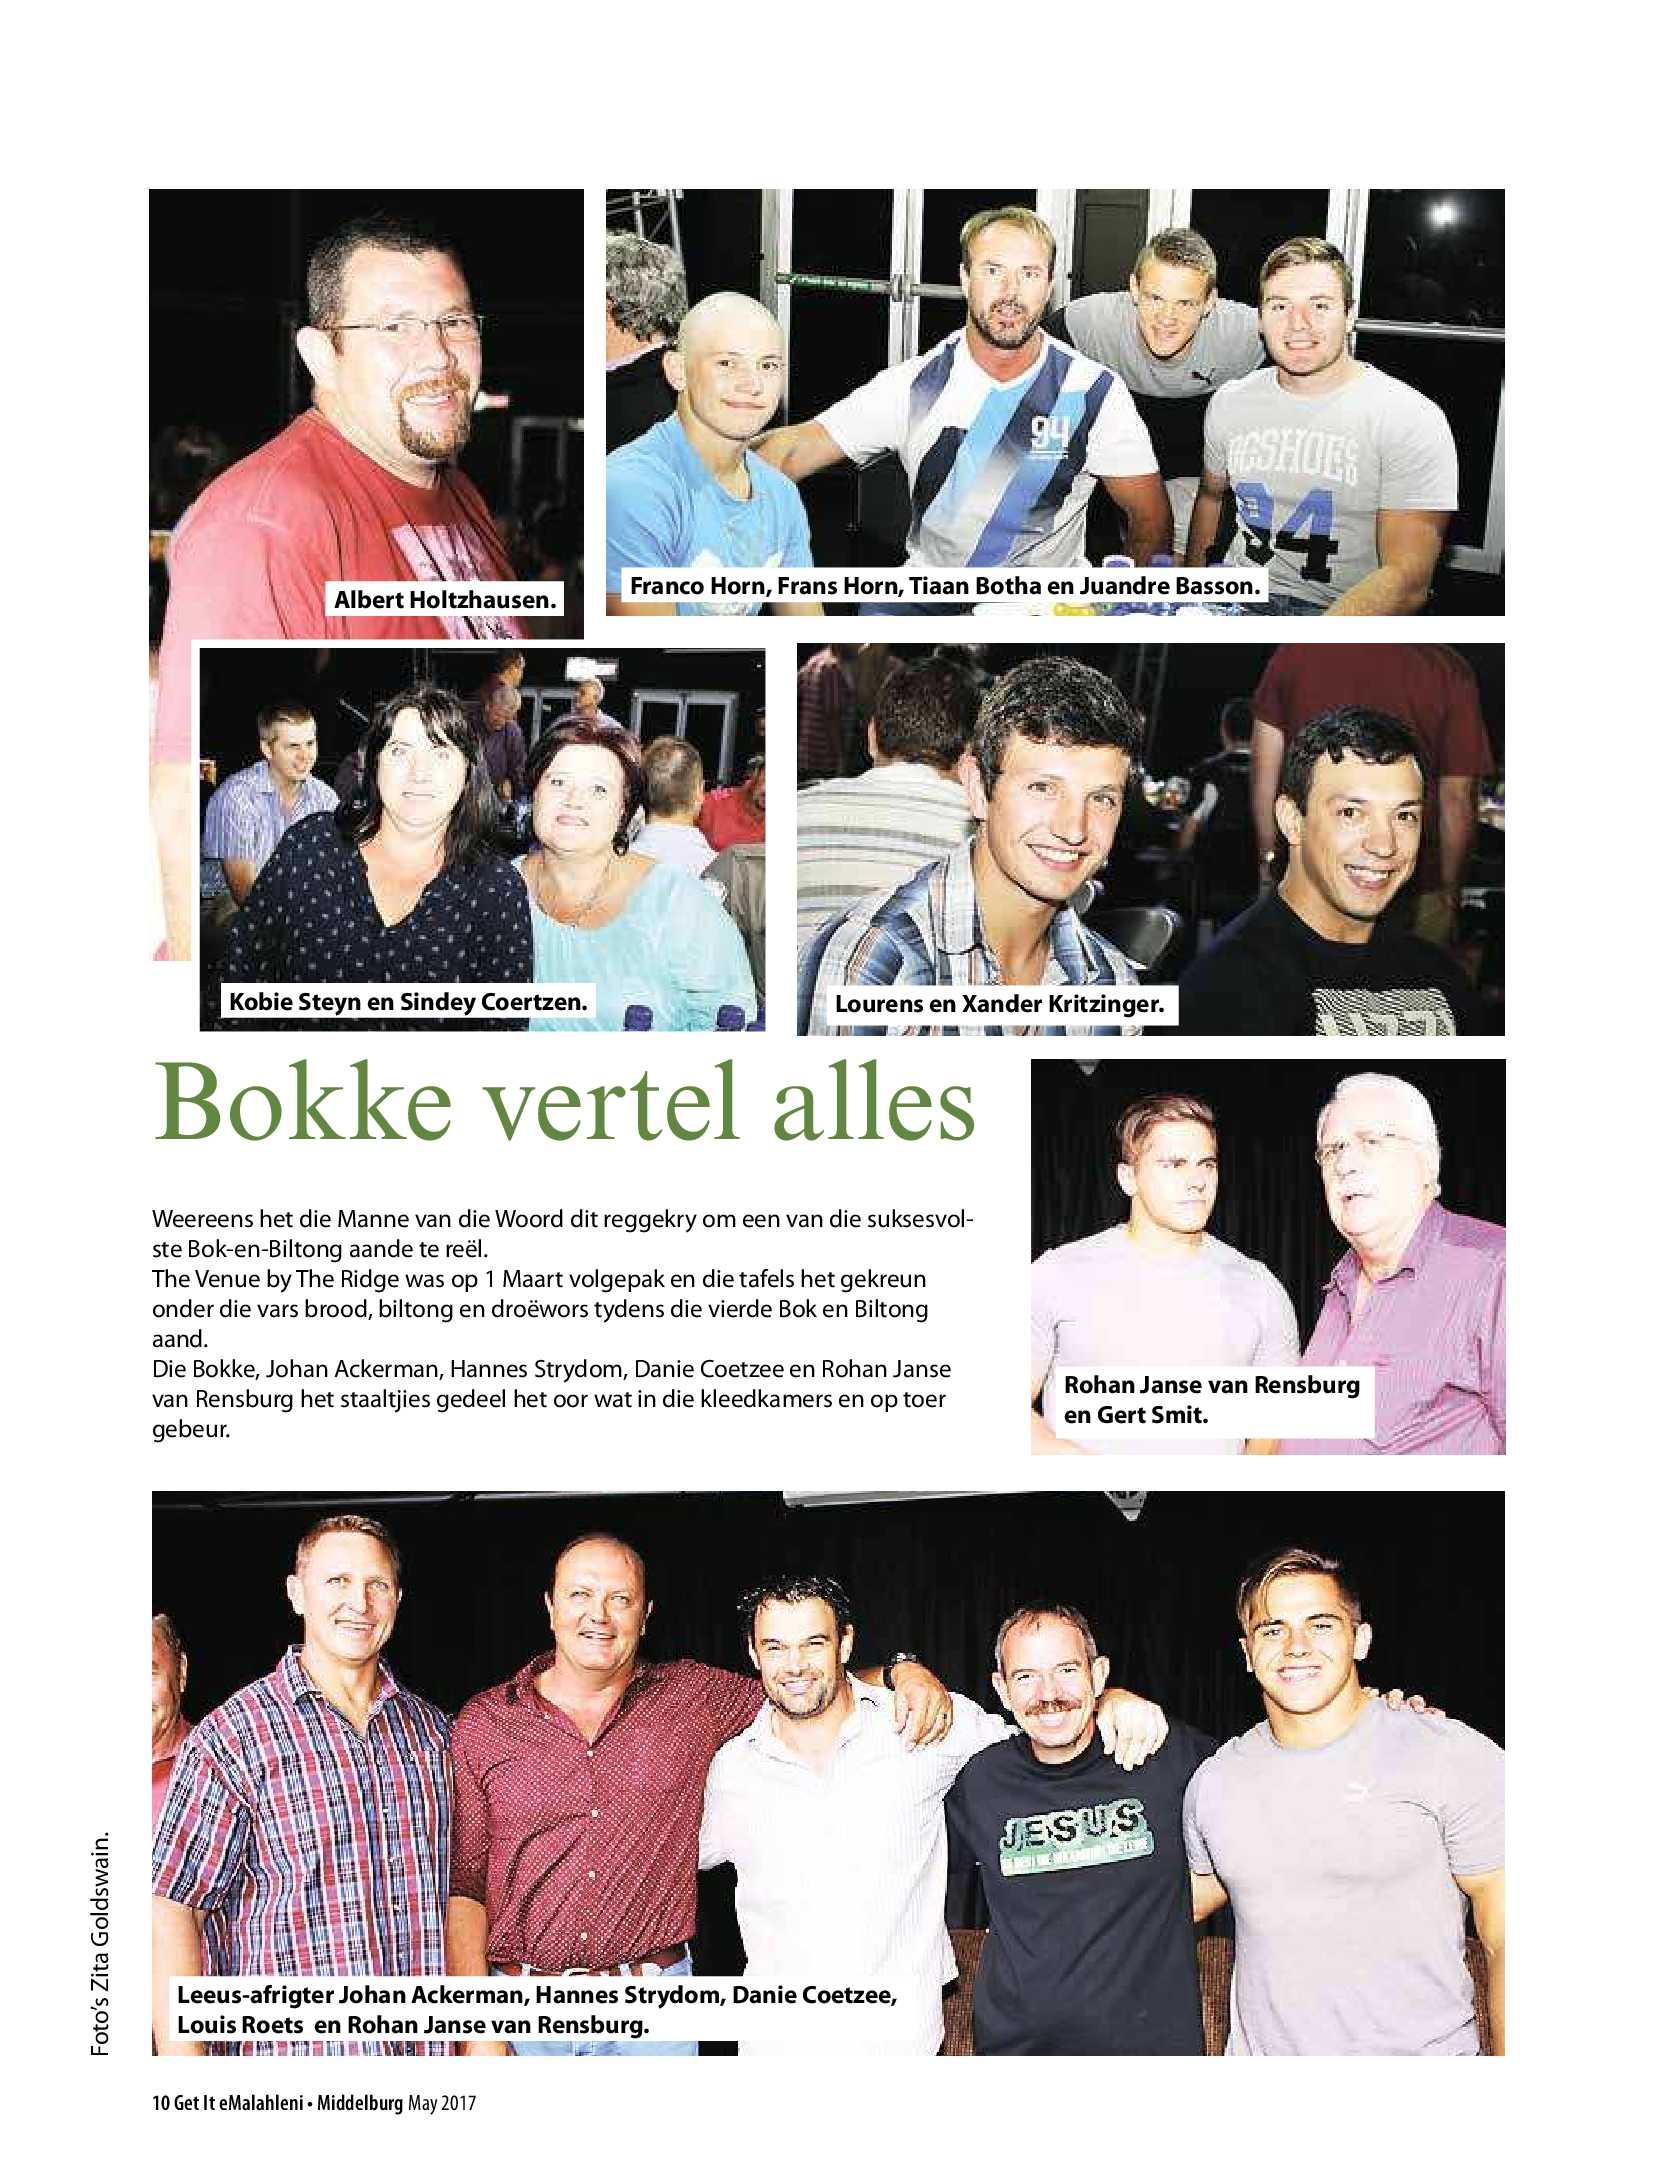 get-middelburg-may-2017-epapers-page-12